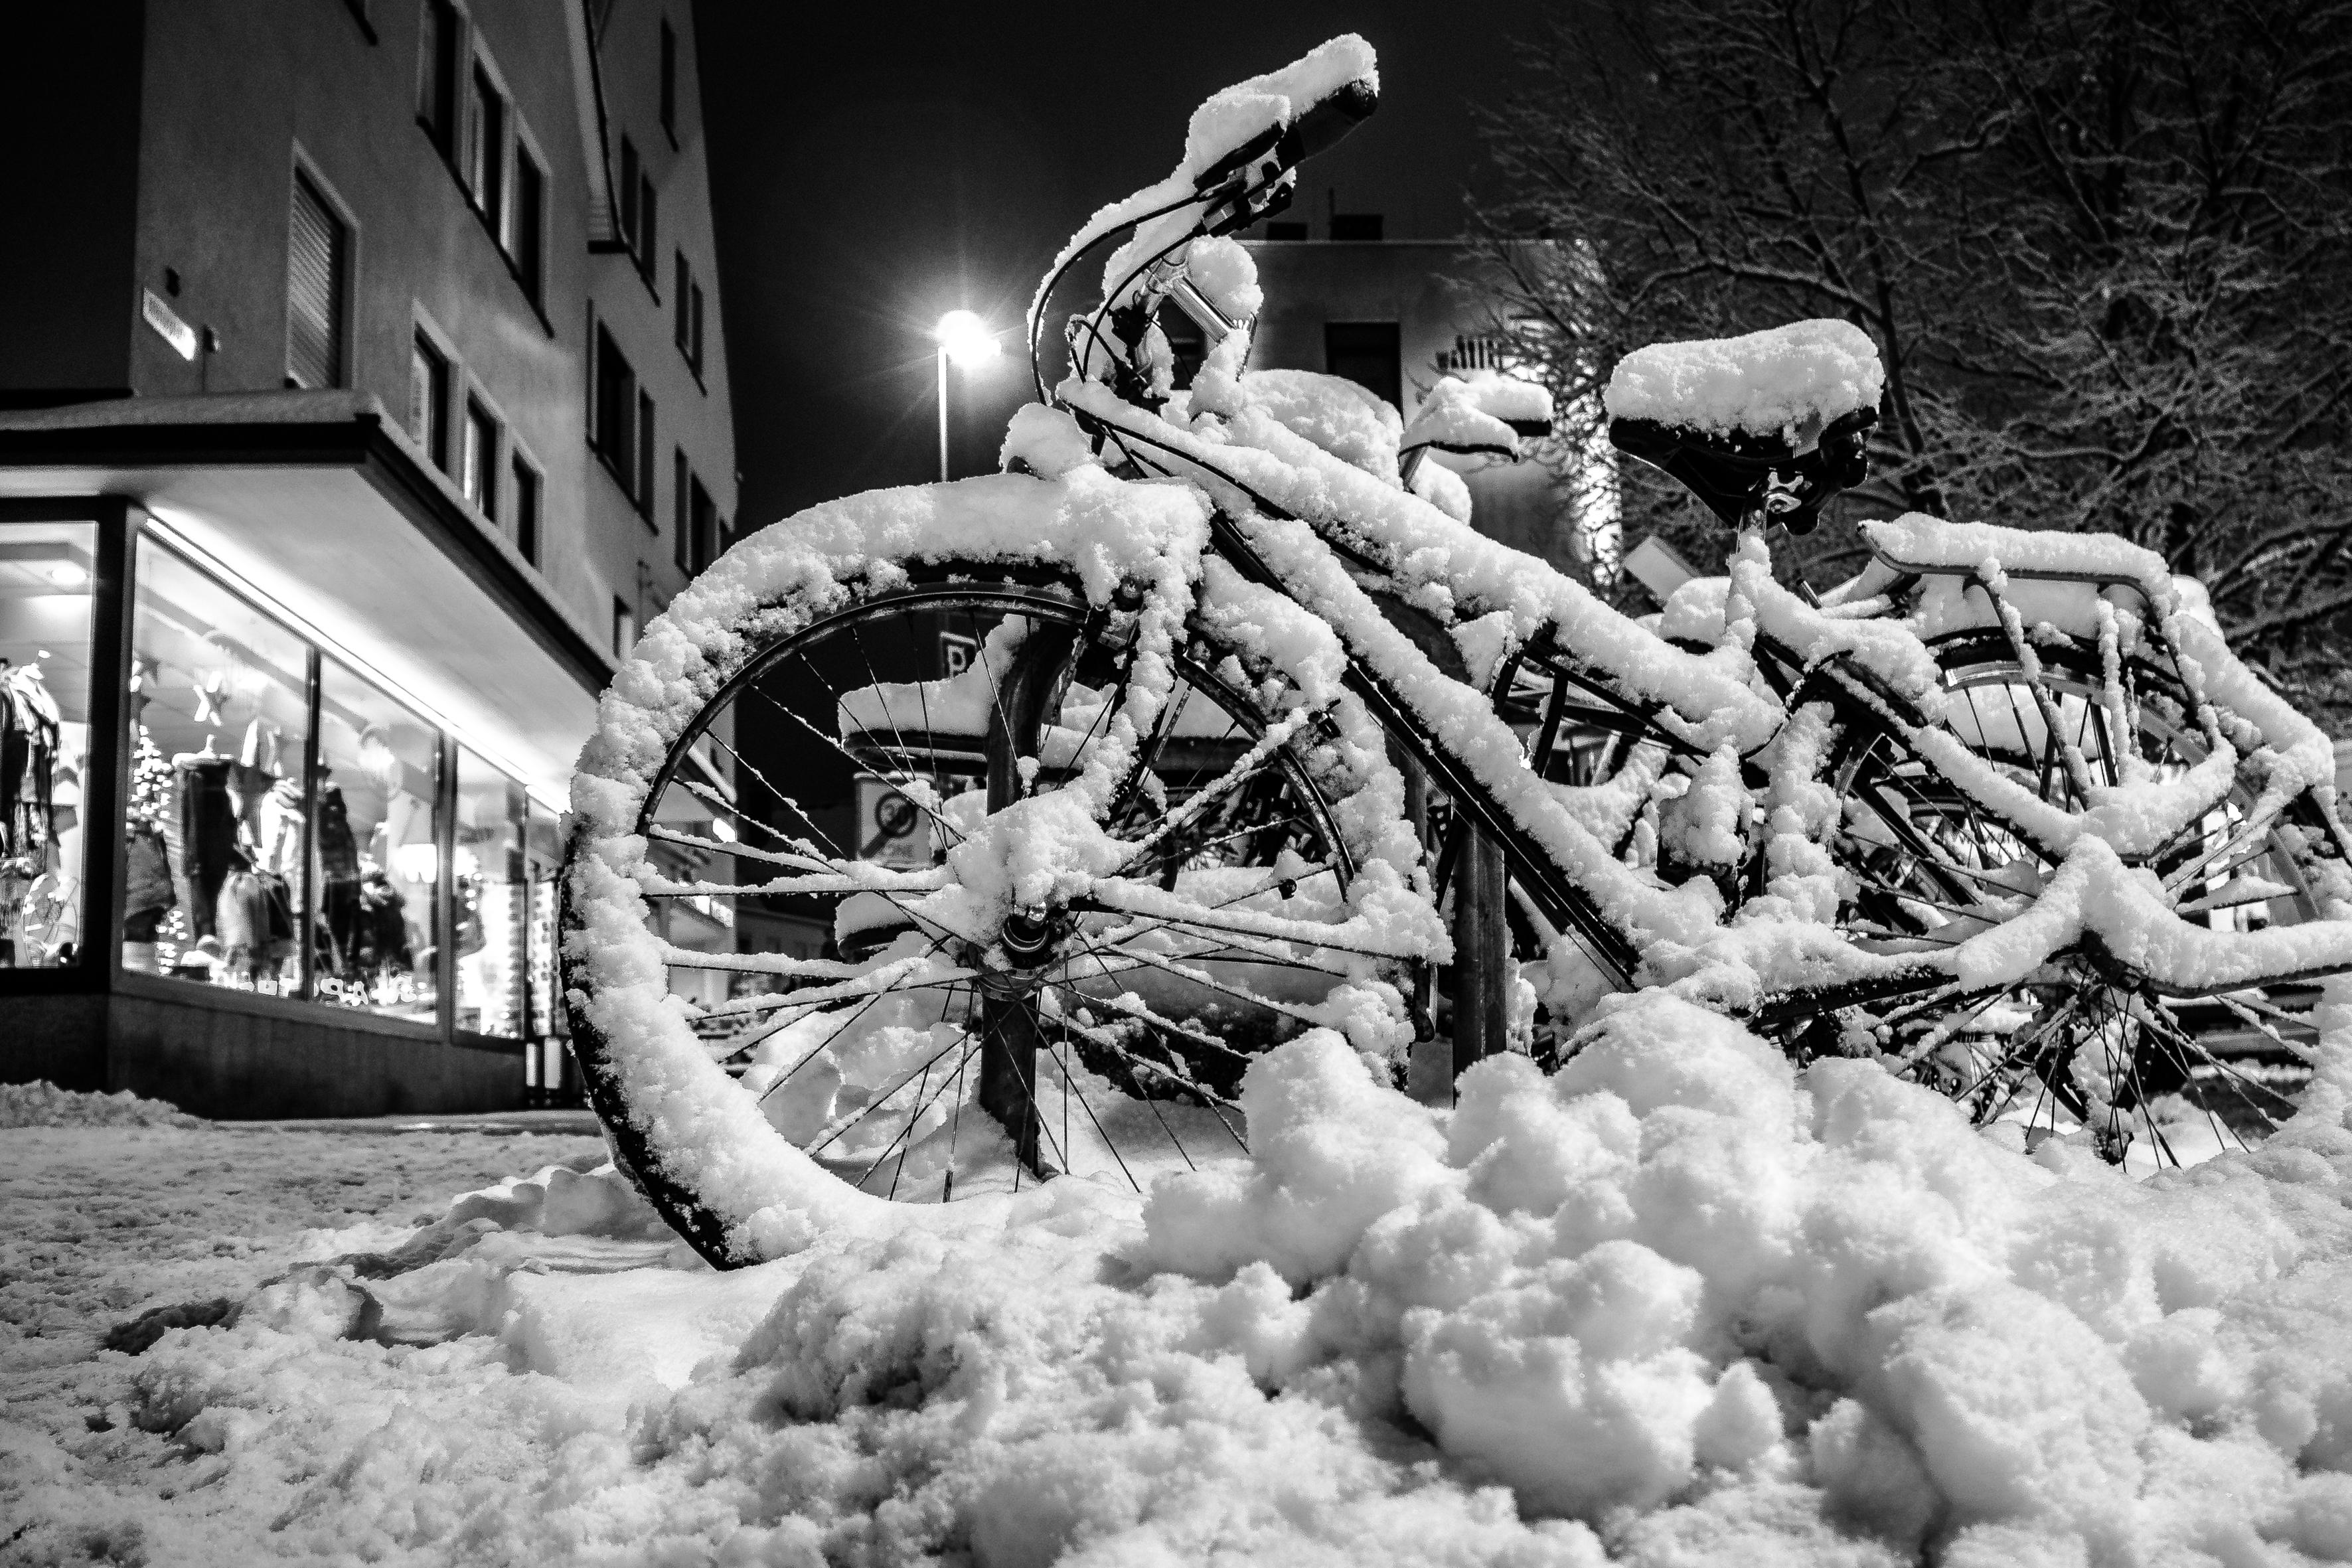 мероприятии были картинка велосипед и зима дворец поражает